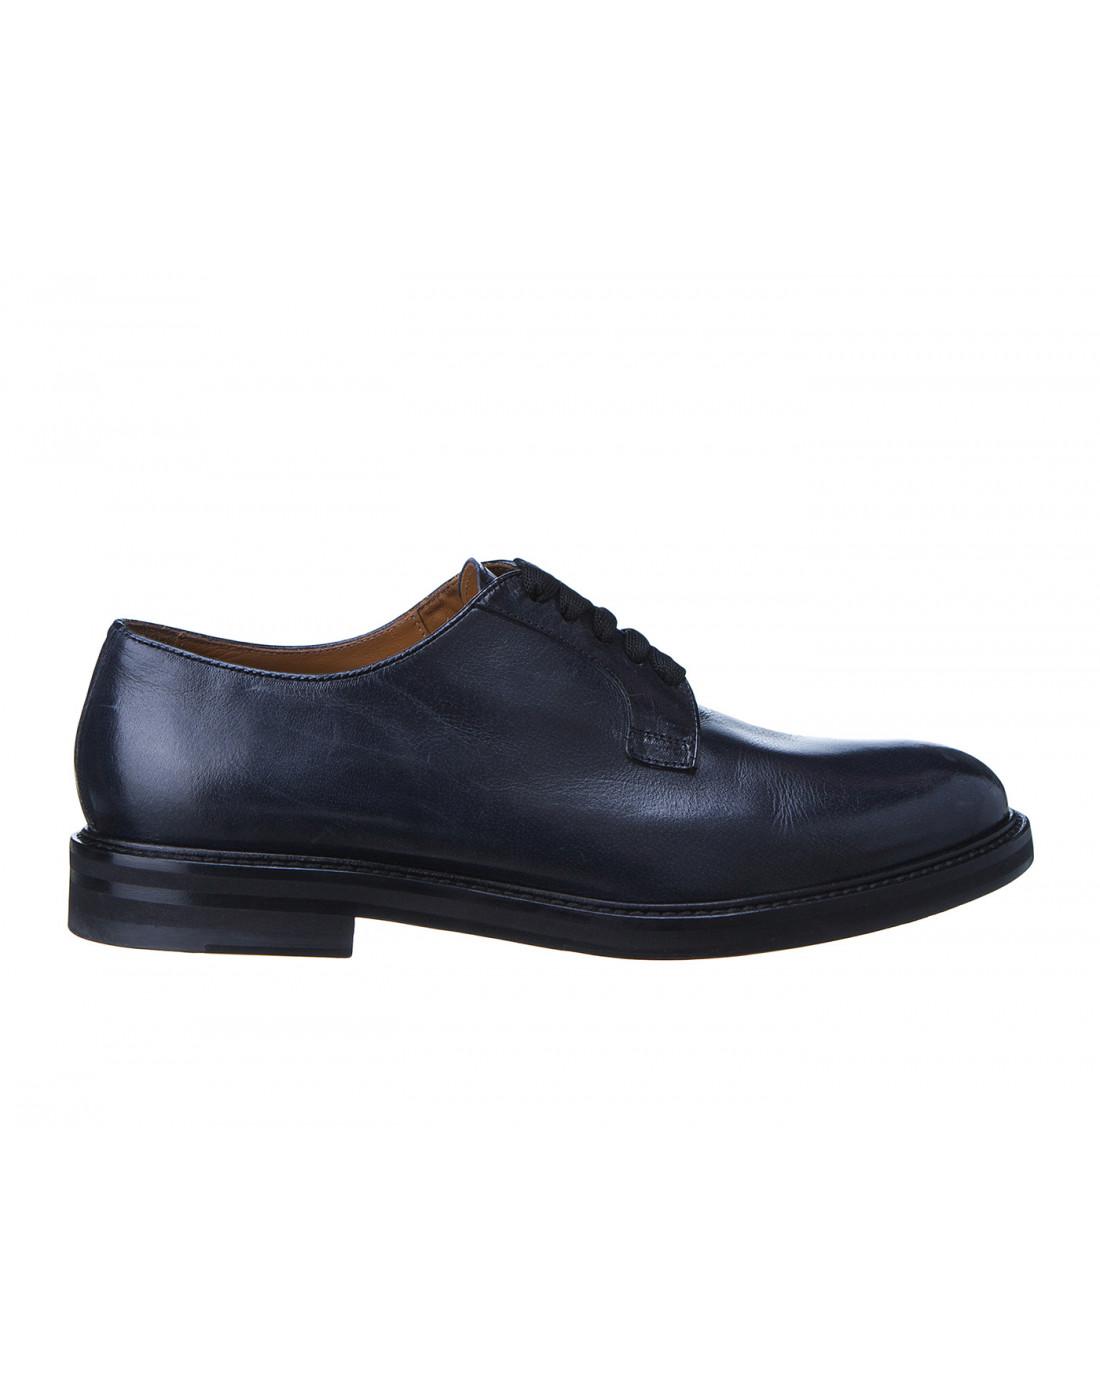 Туфли синие женские Doucal's SD8257-1